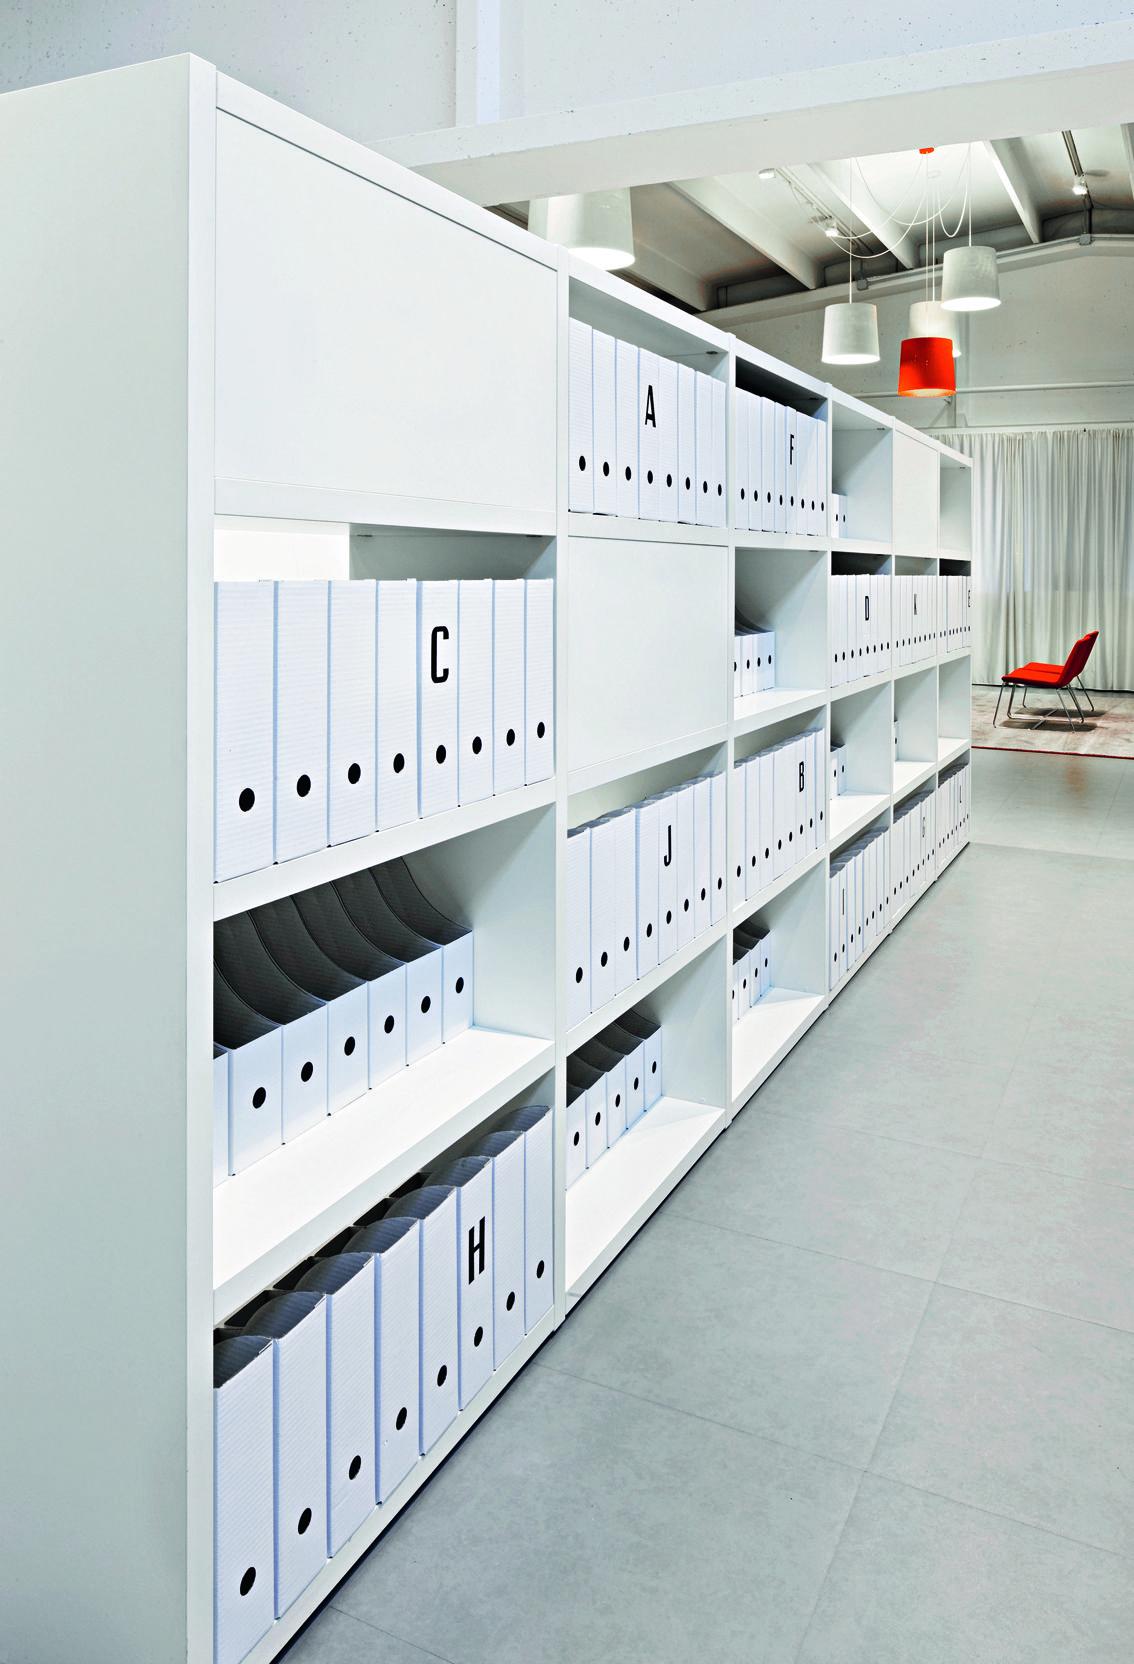 Mueble Para Archivos Con Diferentes Divisiones Office Interior Design Smart Office Design Office Furniture Design